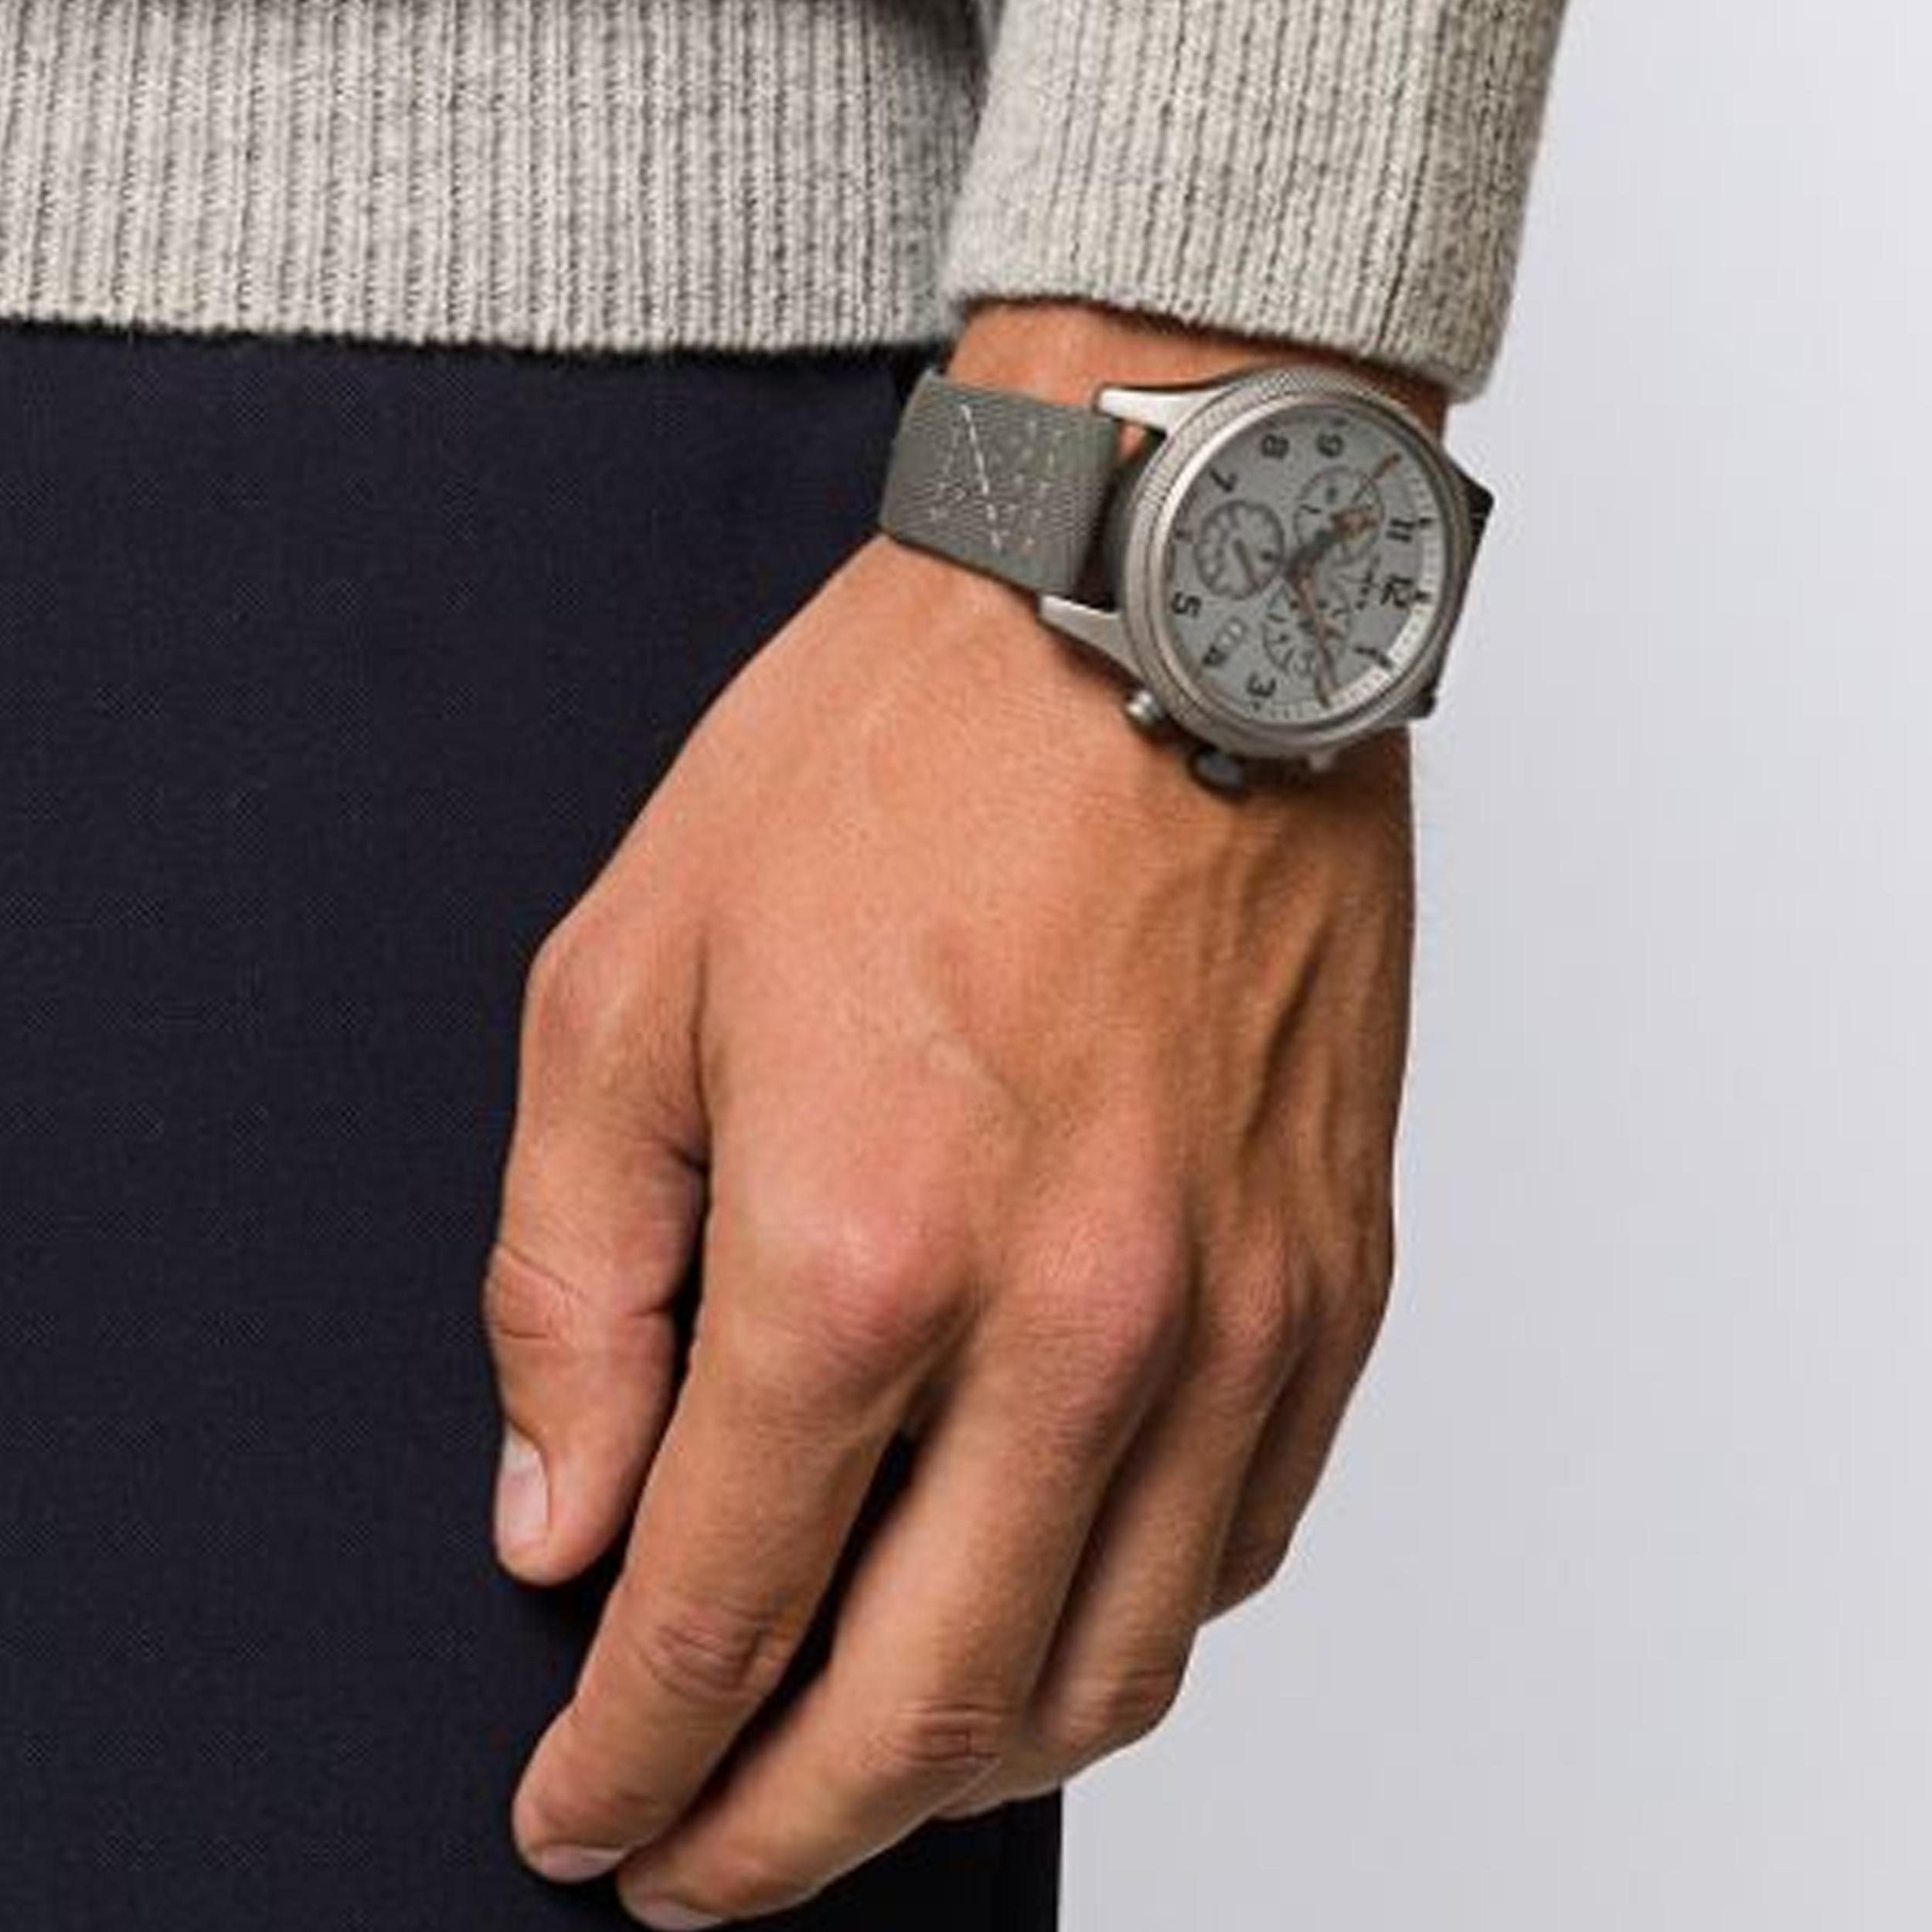 ساعت مچی عقربه ای مردانه تایمکس مدل TW2T75700 -  - 6